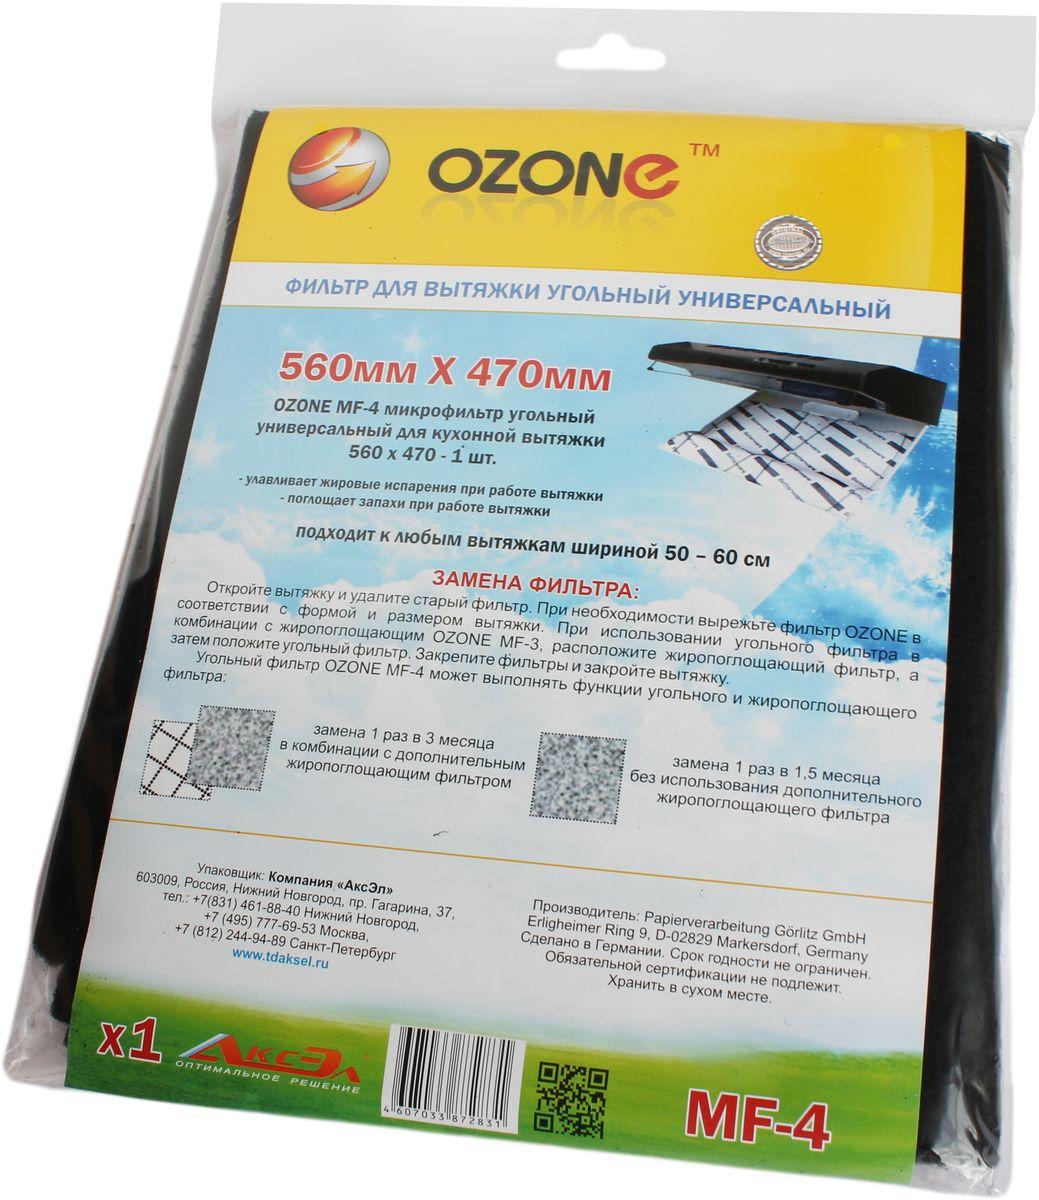 Ozone MF-4 микрофильтр для вытяжки угольный универсальный фильтр угольный cf 101м